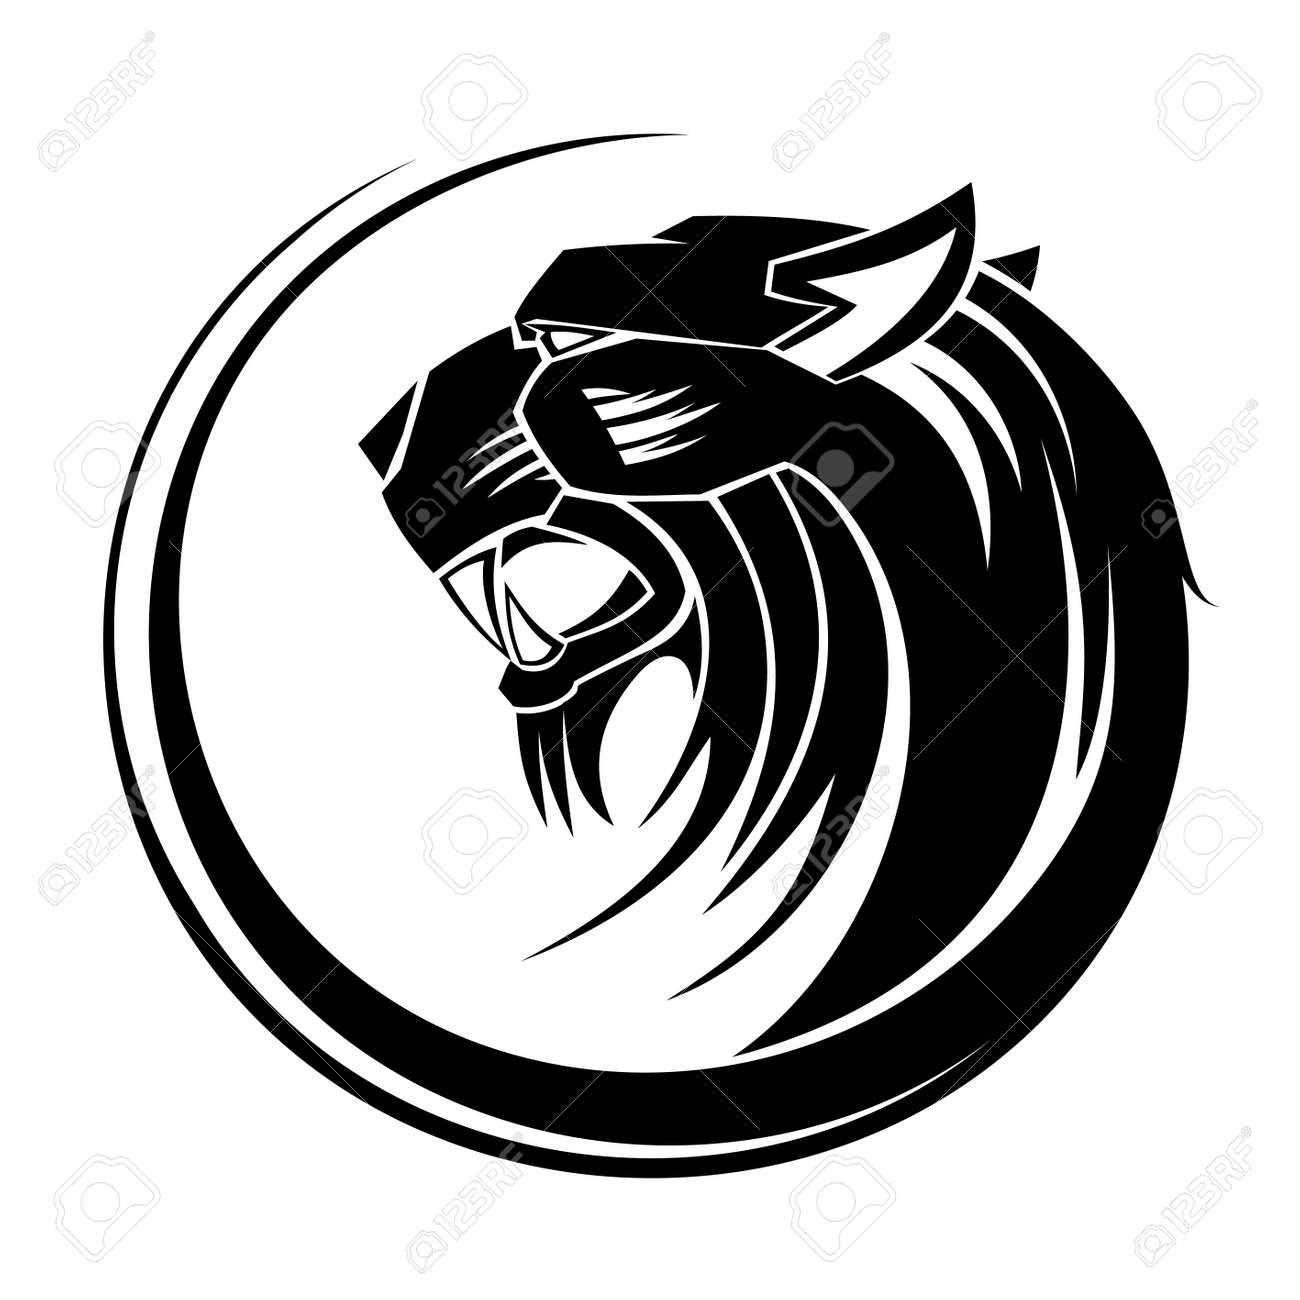 tattoo tribal Lion cercle tribal art du tatouage Illustration